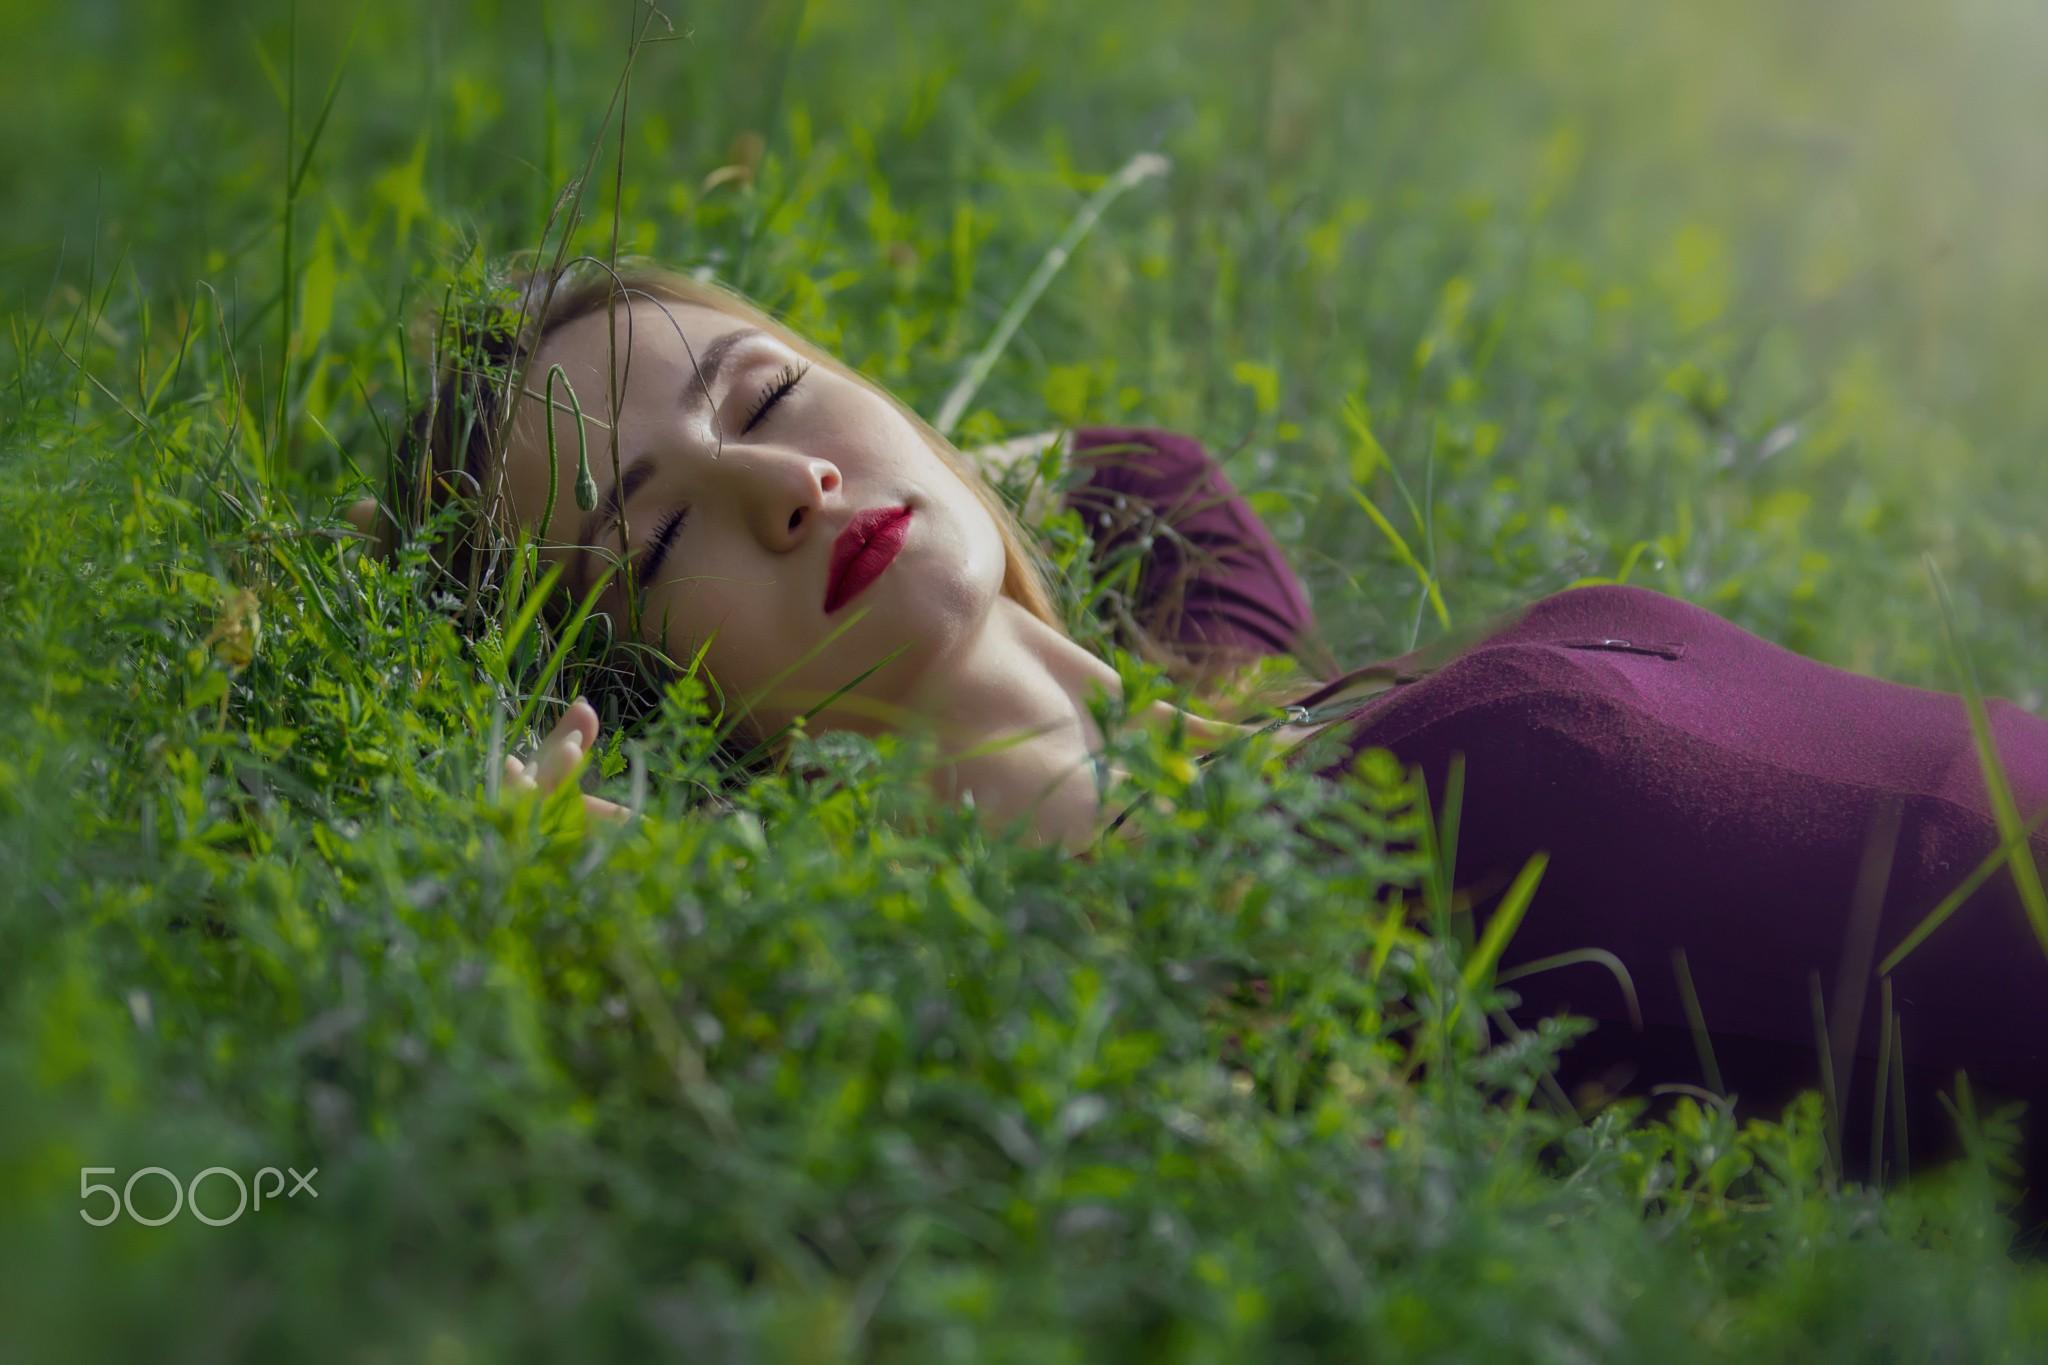 тушенку смотрят на звезды лежа в траве фото удобным хранилищем